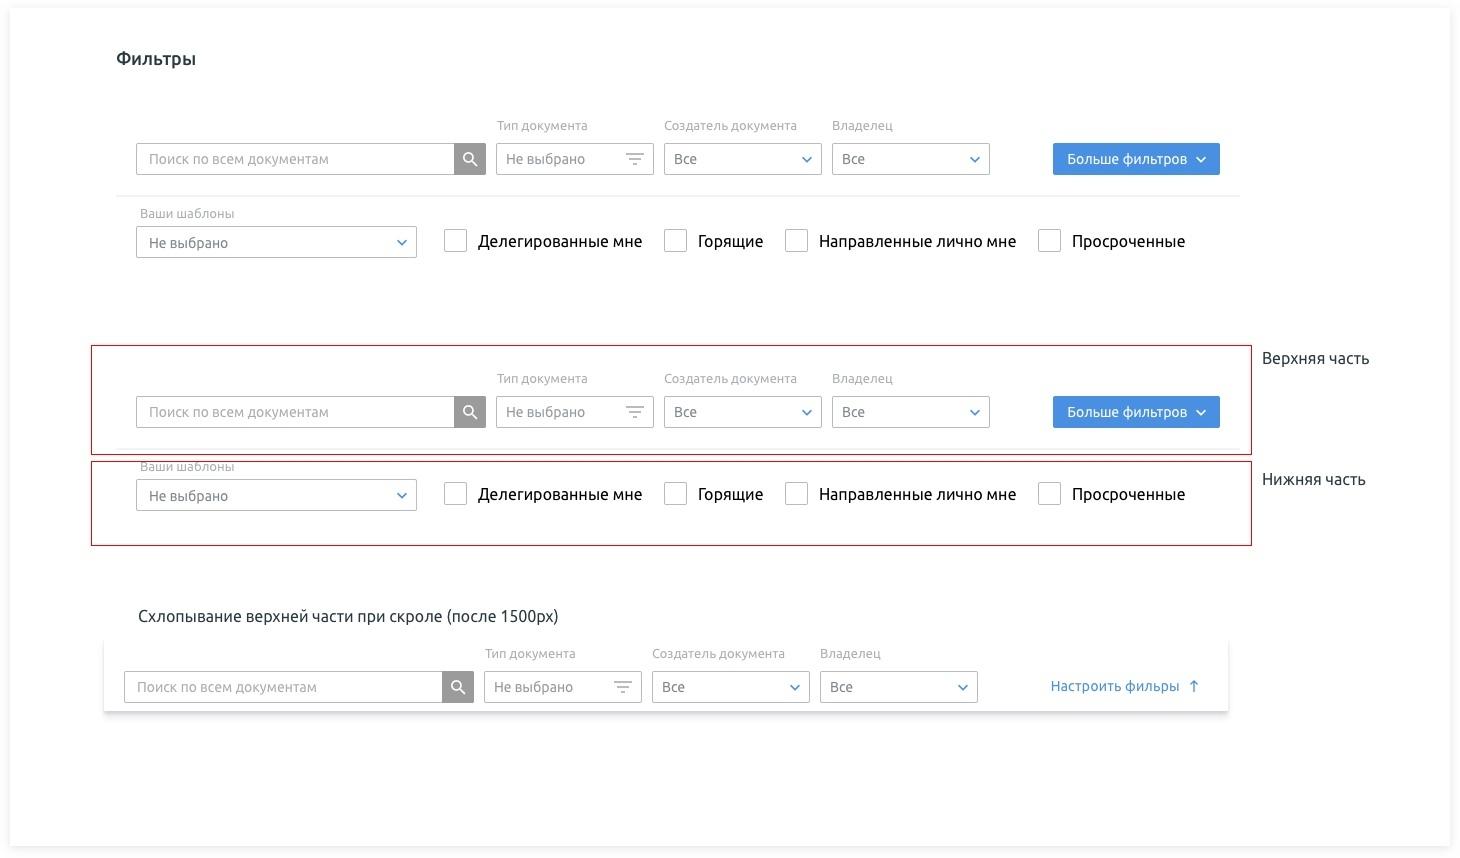 Финальный вариант блока фильтров   SobakaPav.ru